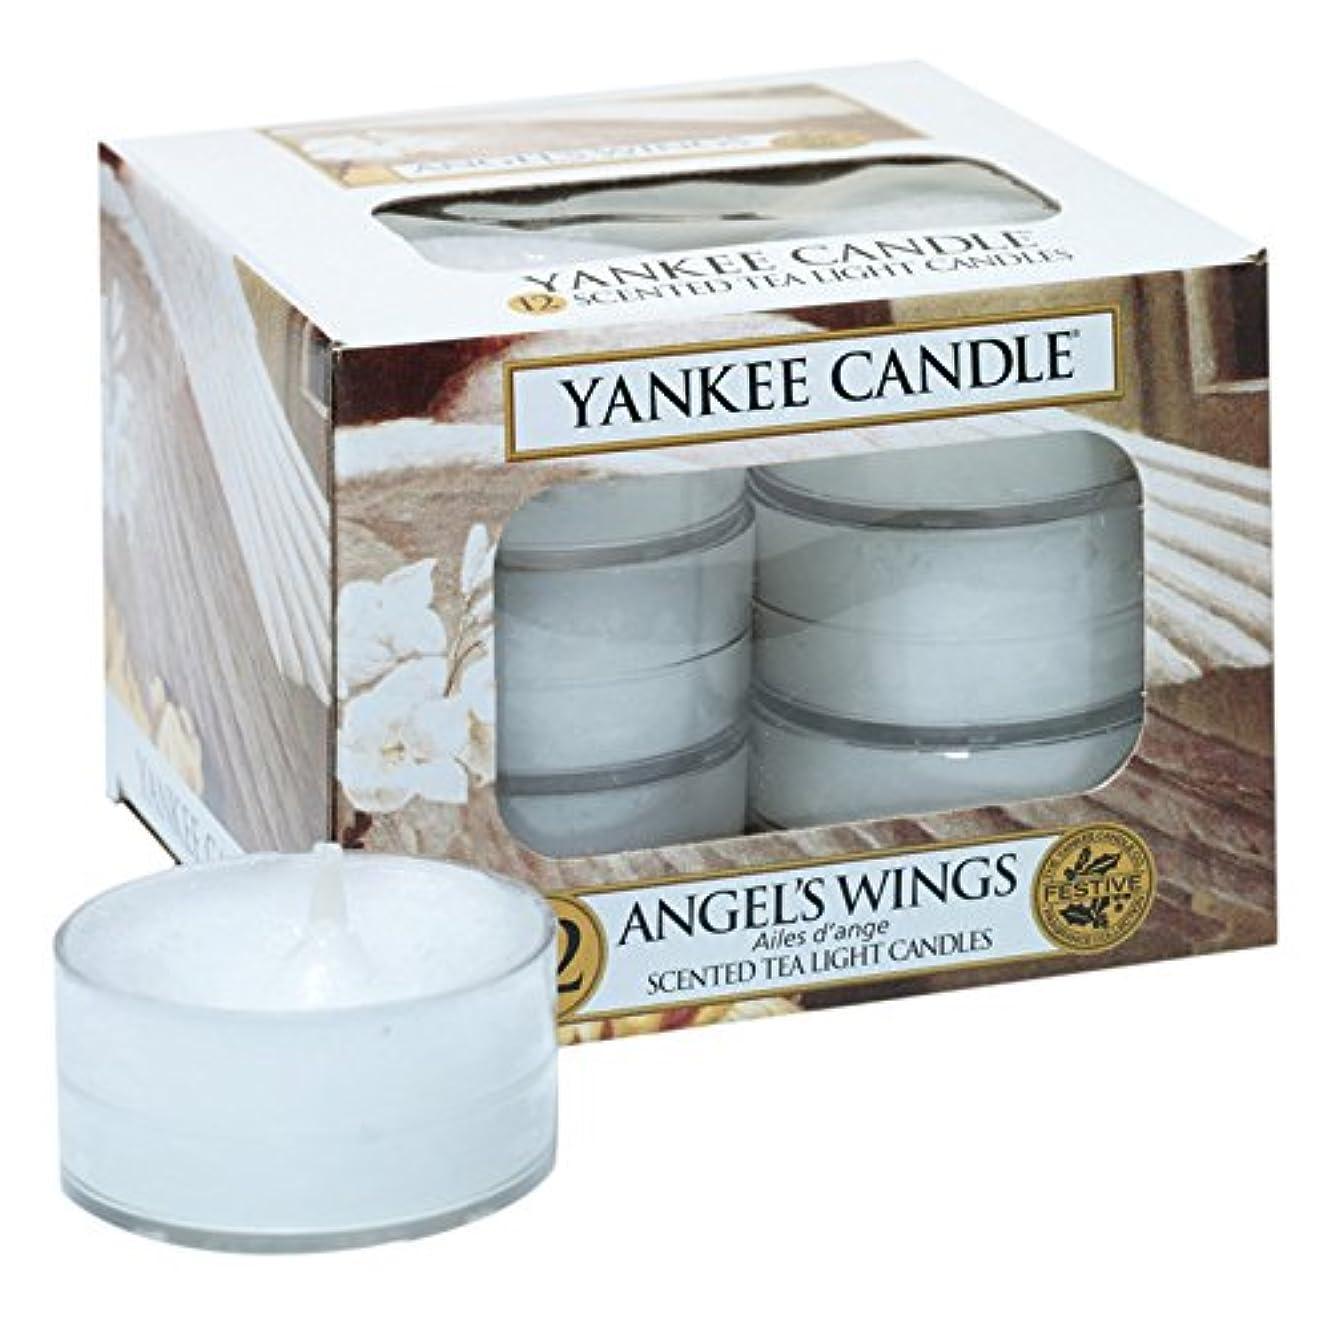 同等のとにかく逆にYankee Candle Angel 's Wings 12香りつきティーライトキャンドル